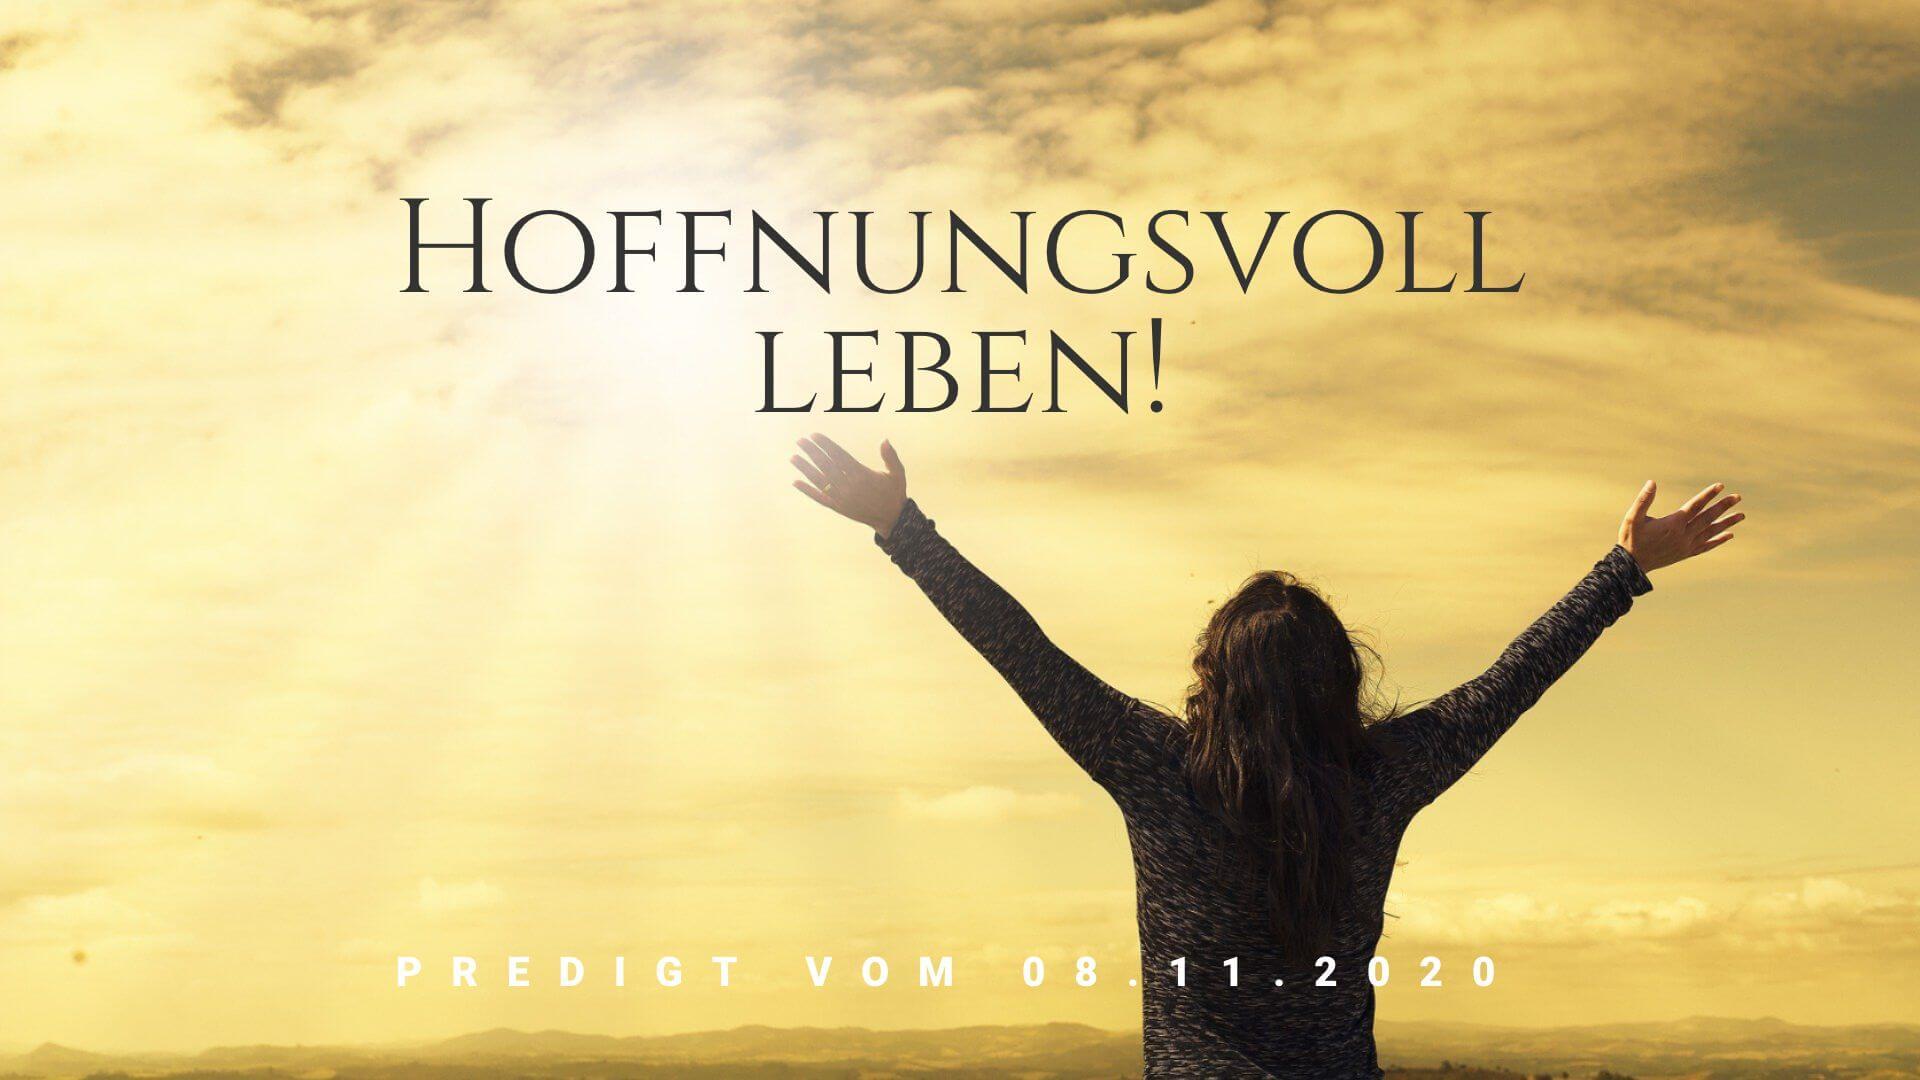 Hoffnungsvoll leben! Predigt vom 08.11.2020